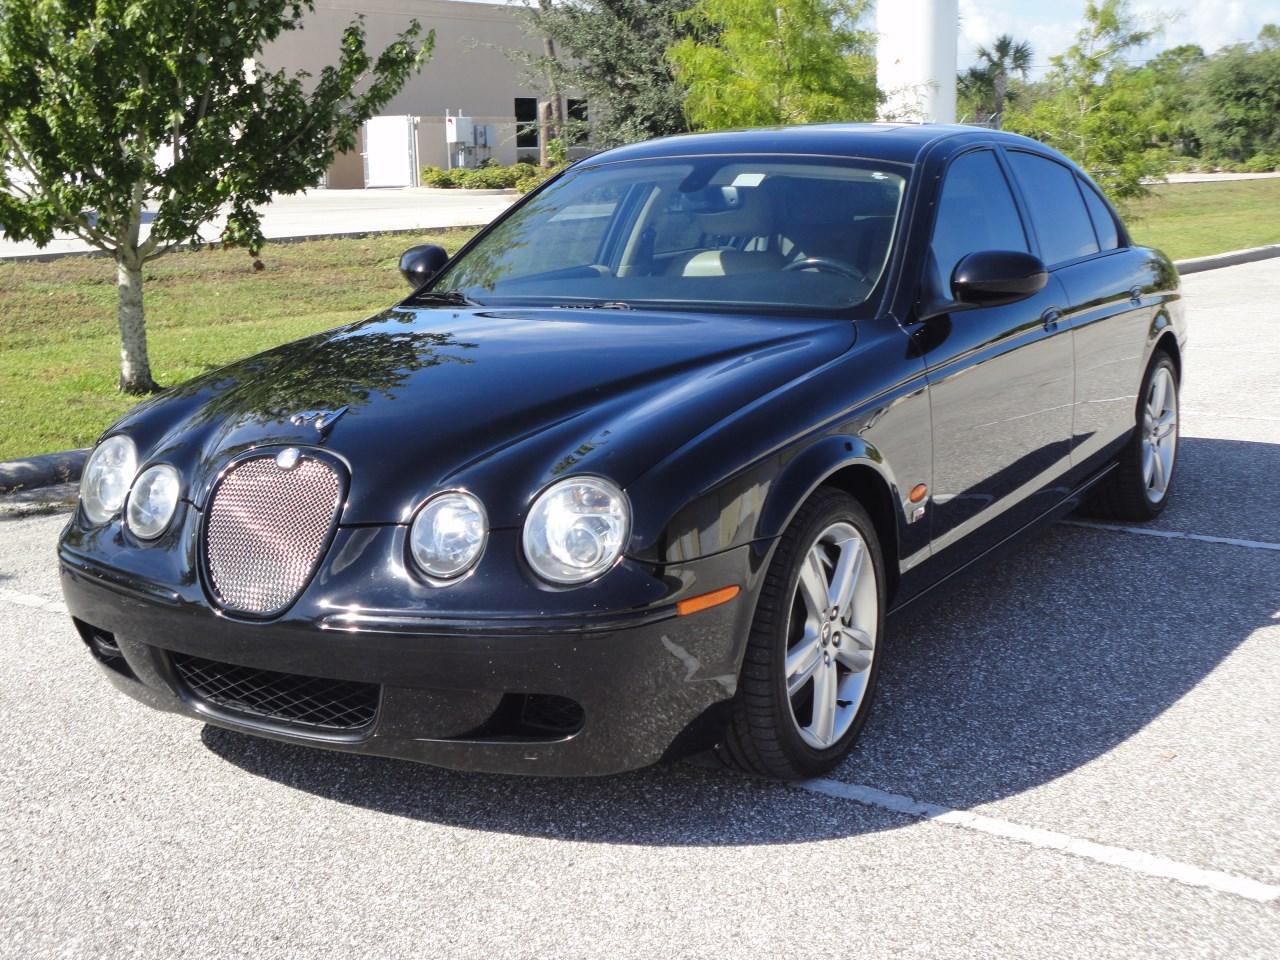 2005 Jaguar S-Type R - Pictures - CarGurus